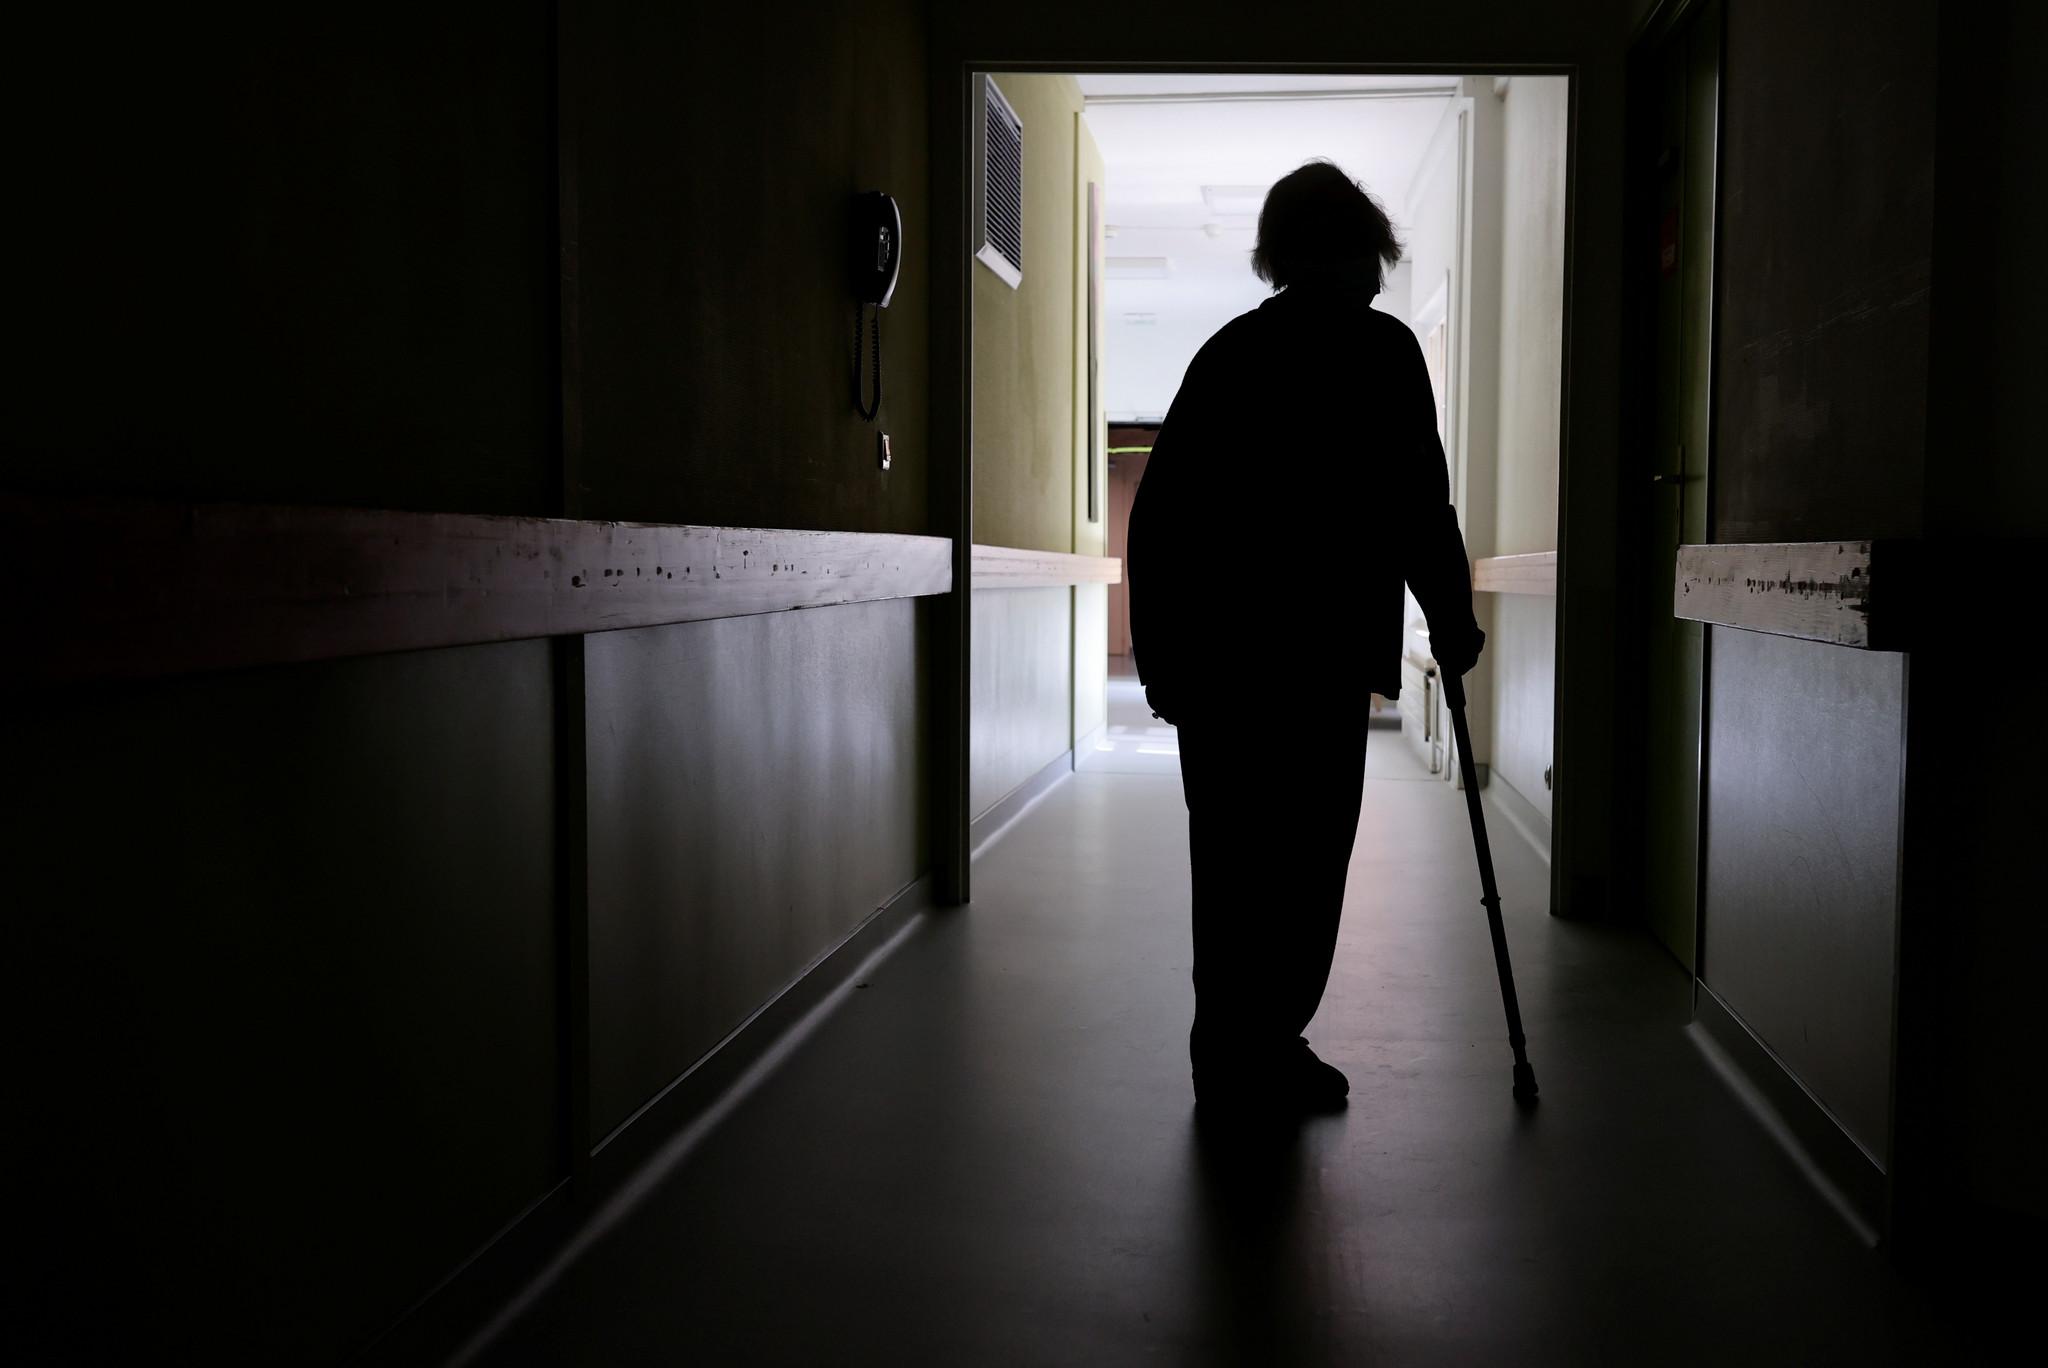 Segurança Social fecha lar ilegal em Viana de Castelo e instaura contra-ordenação